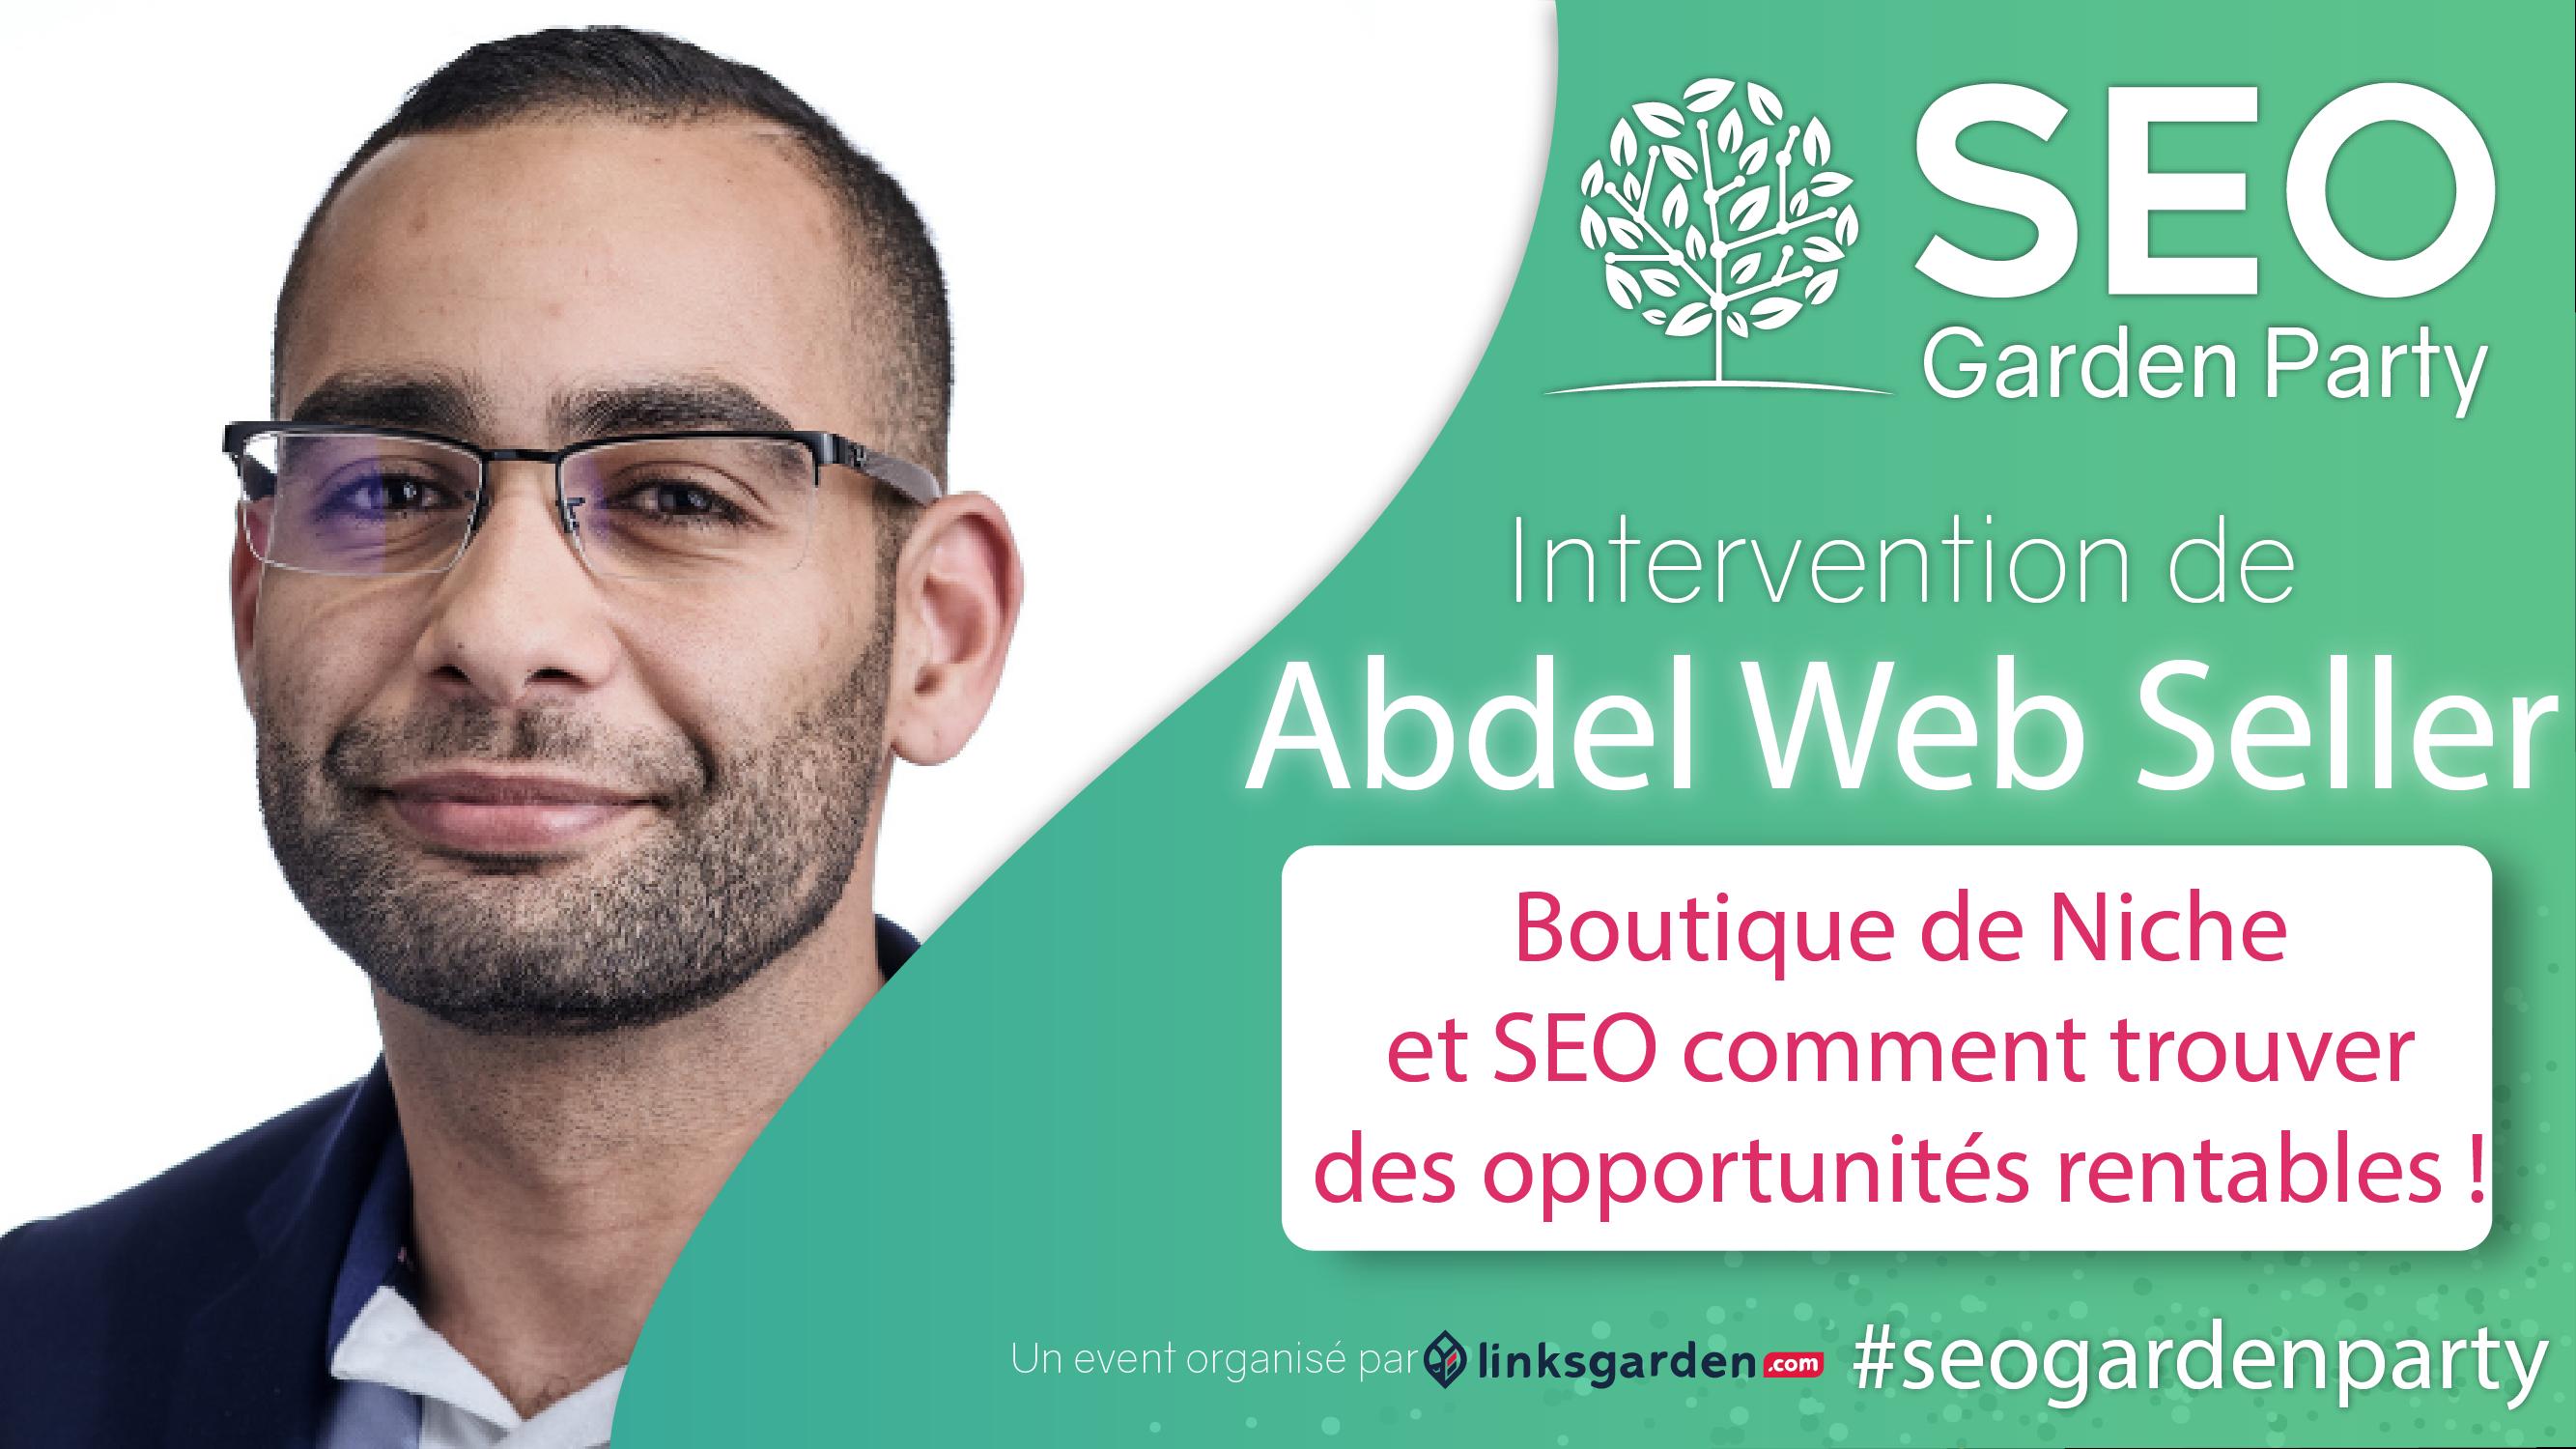 Abdel Web Seller seo garden party par linksgarden